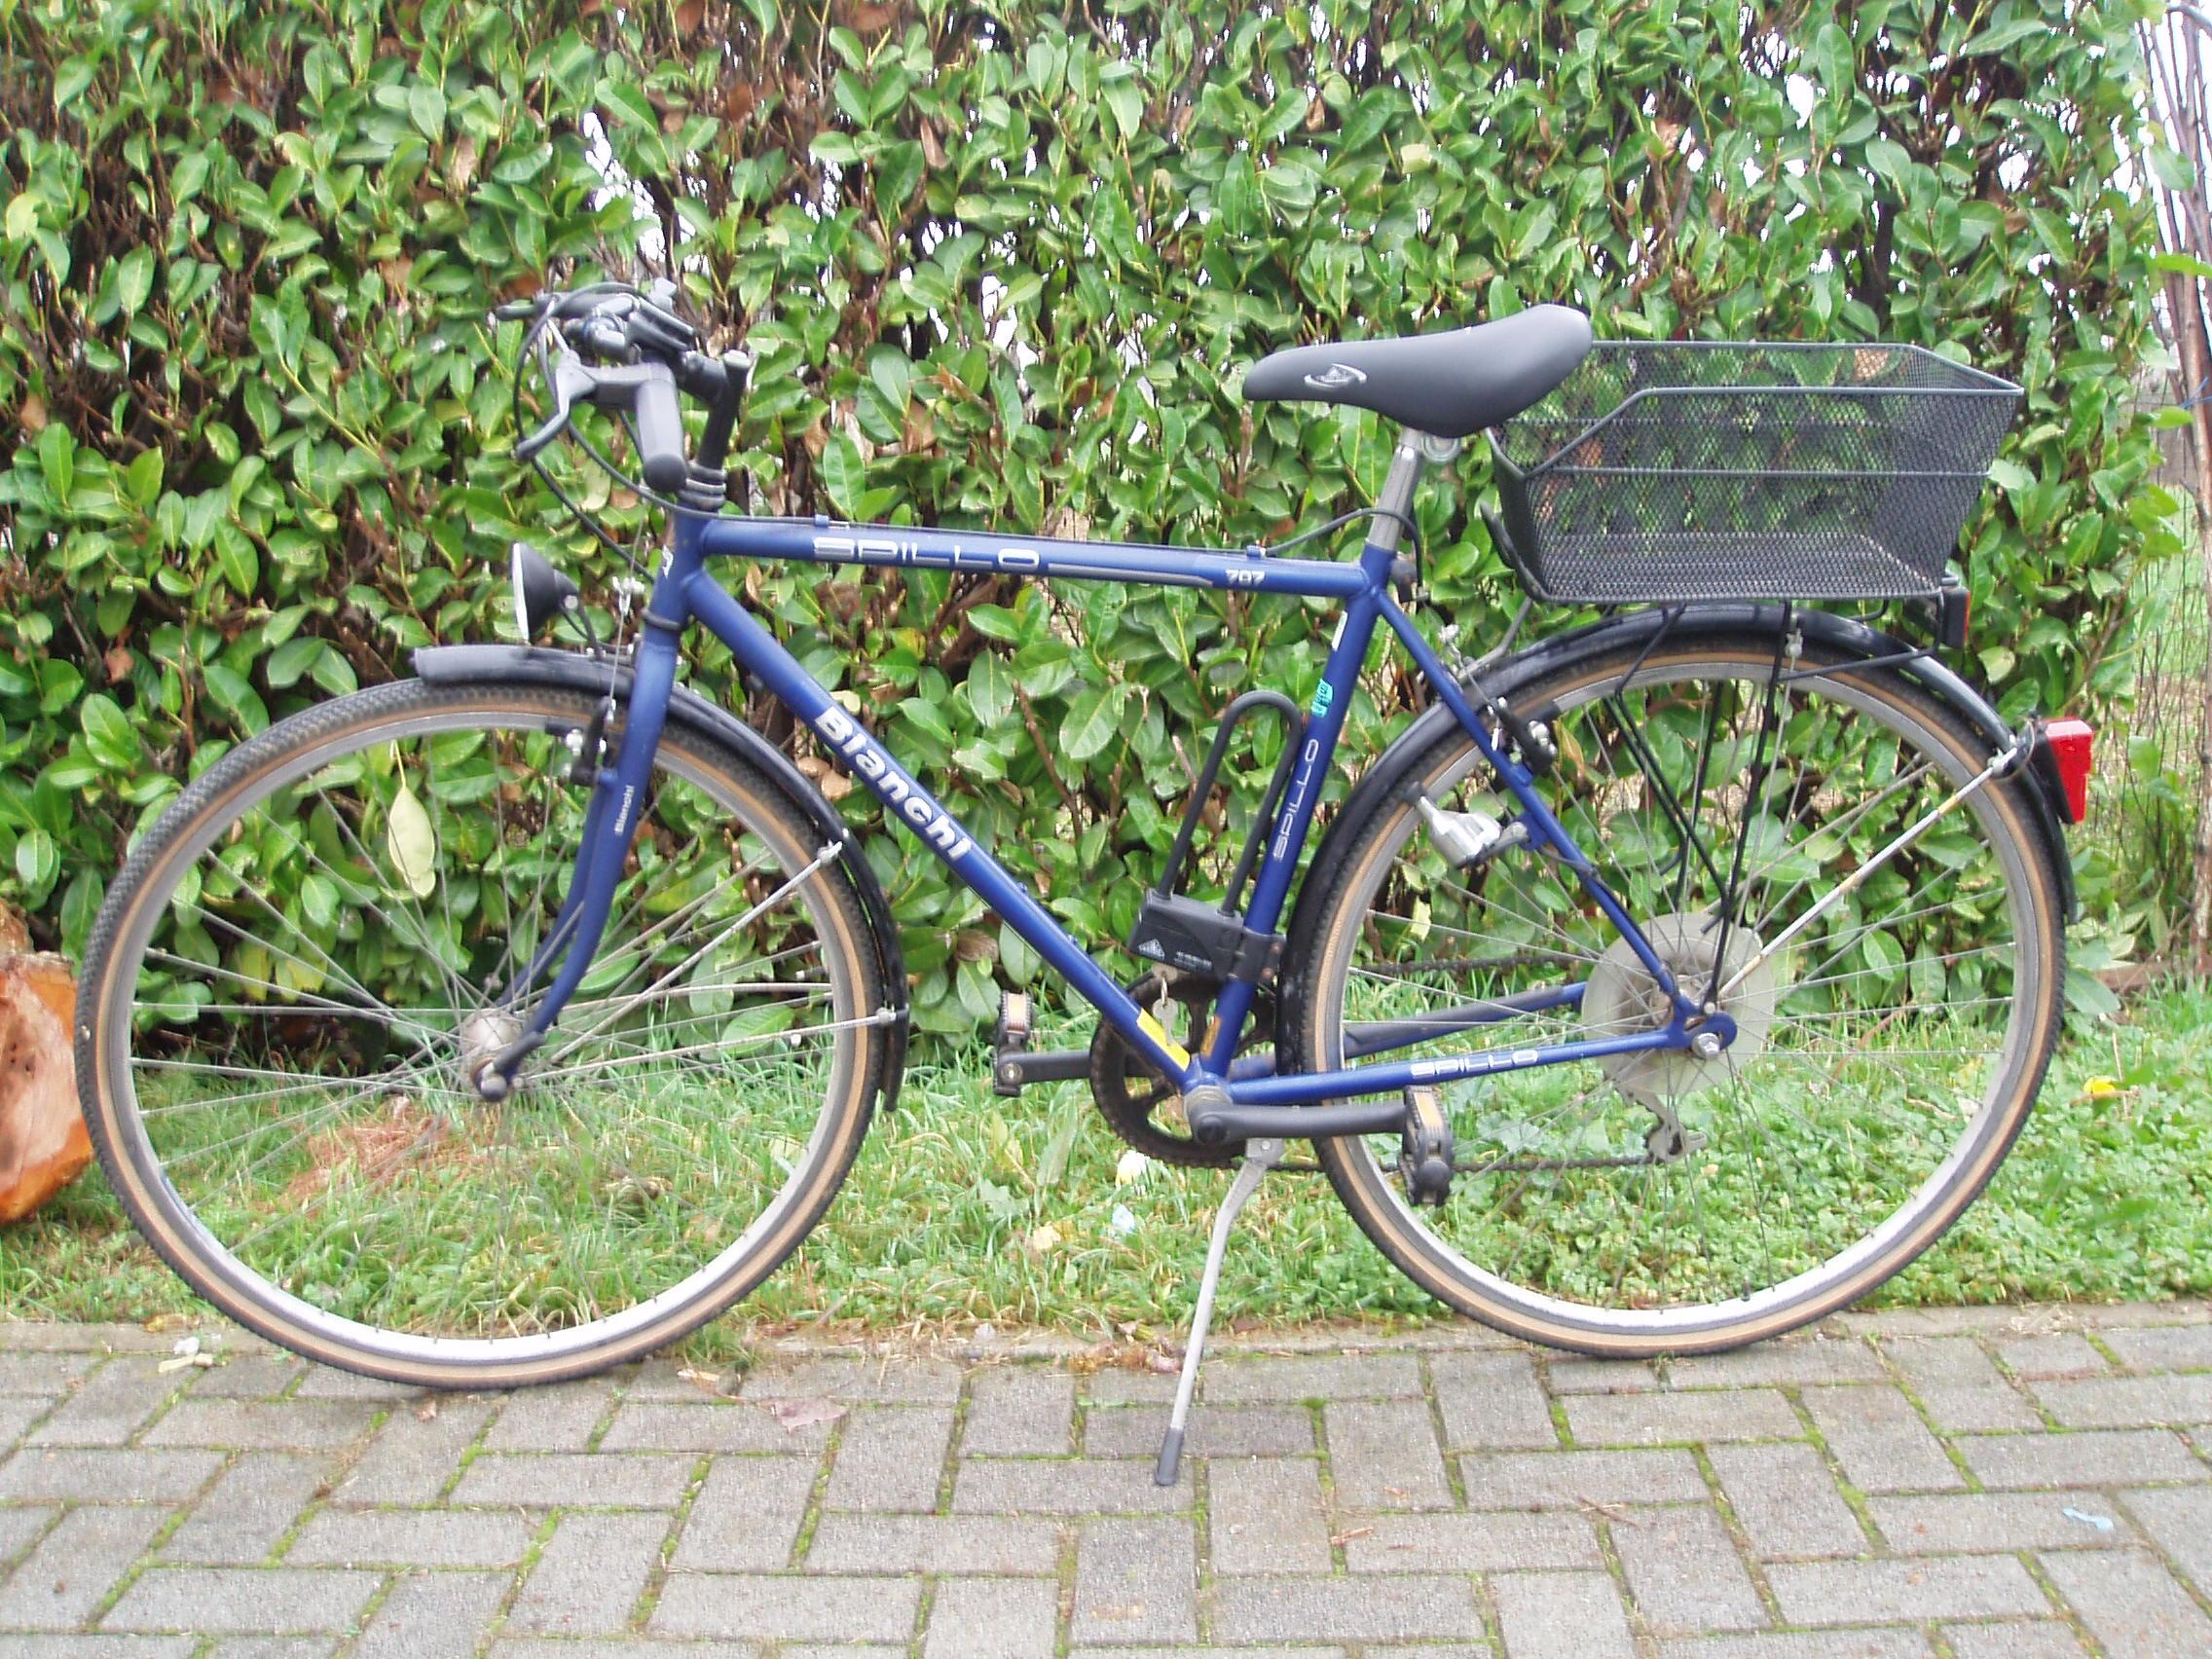 Bicicletta Bianchi Uomo Il Tendone Solidale Mercatino Dell Usato